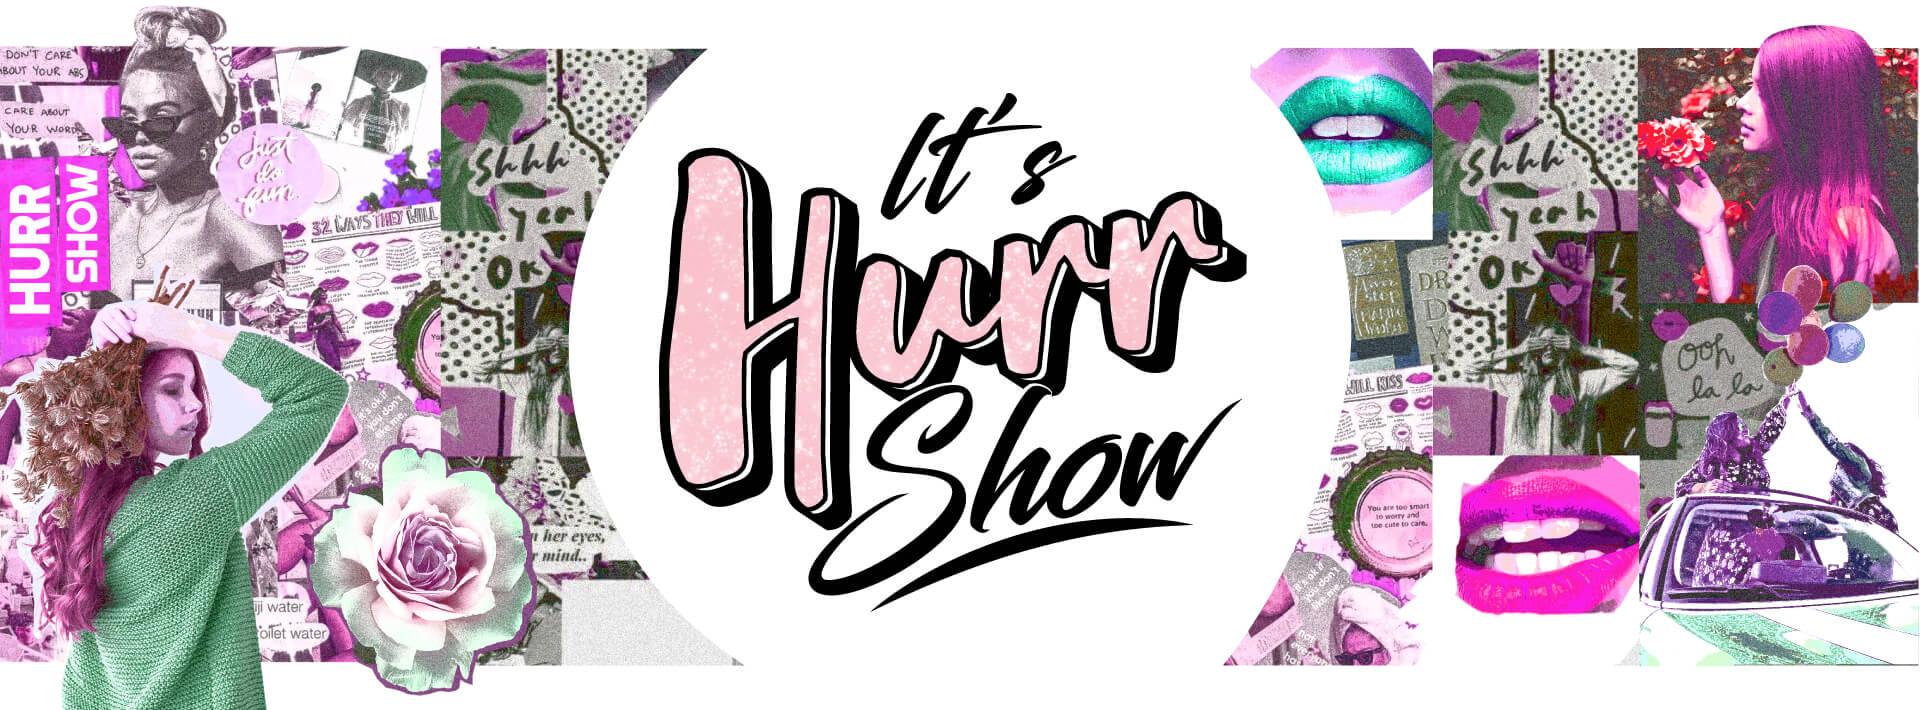 It's Hurr Show